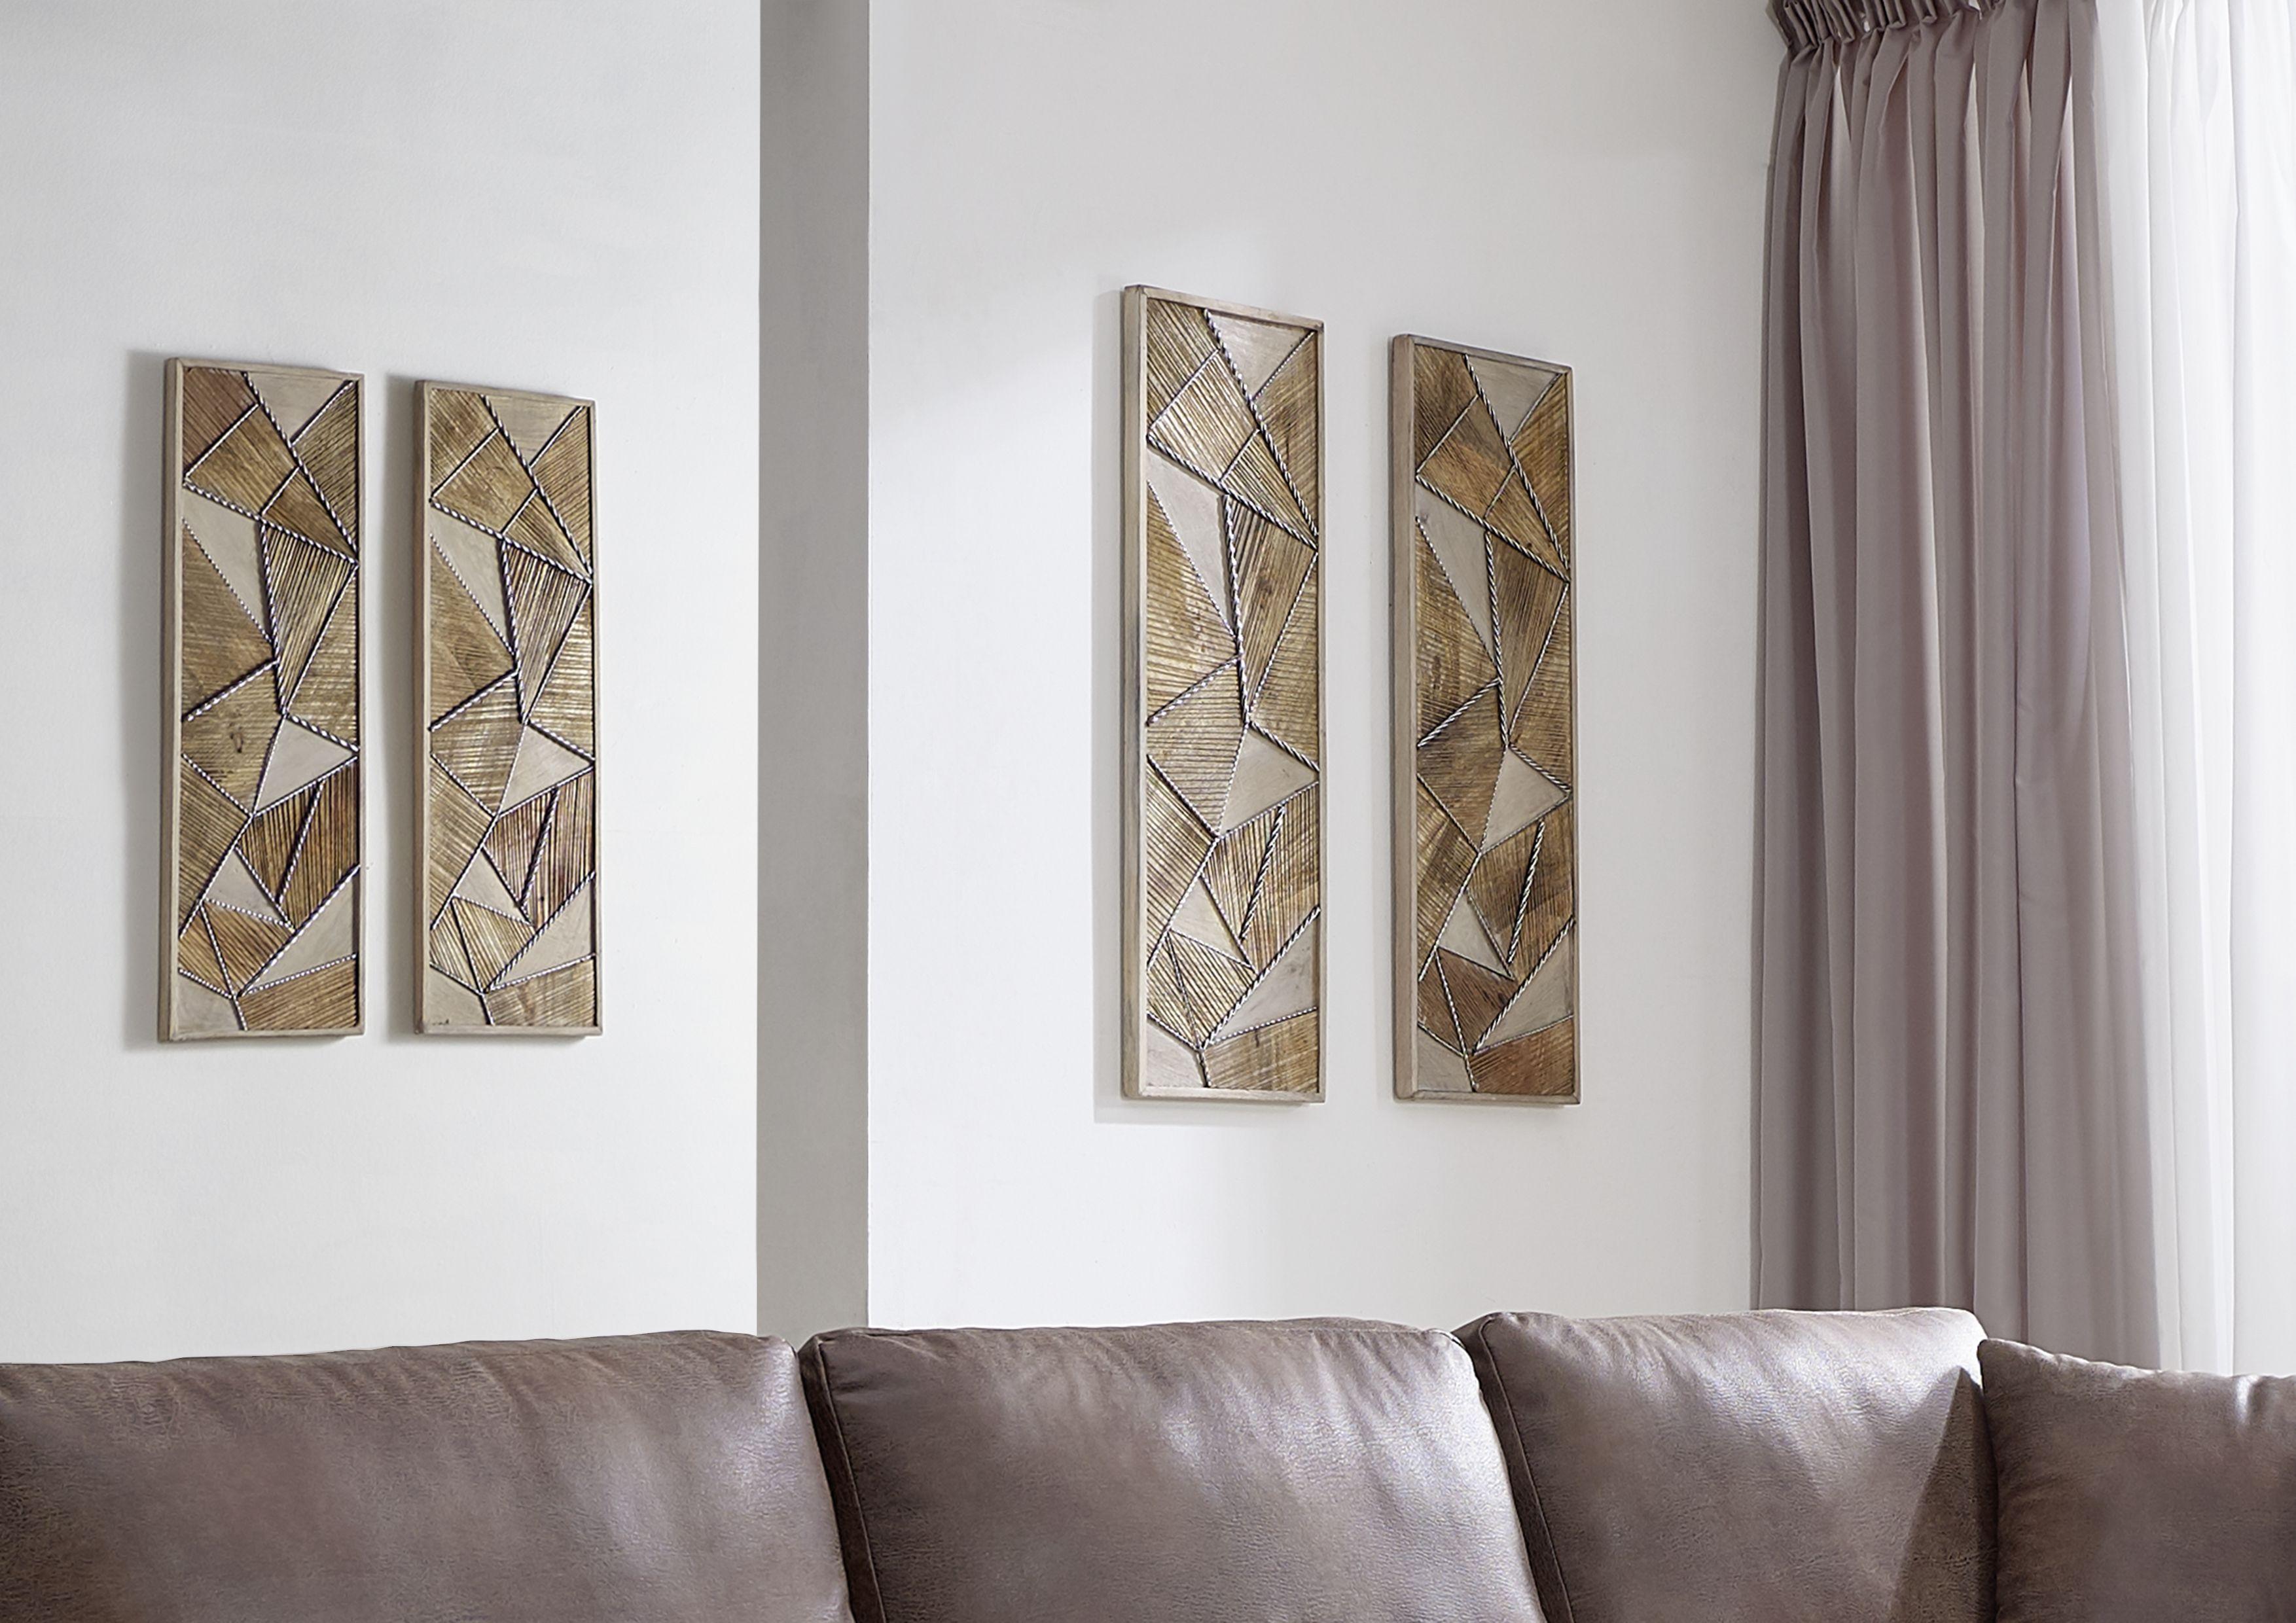 Vanity Brauntöne Wand Best Choice Of Dieses Dekoobjekt Verwandelt Jede Einfache In Ein